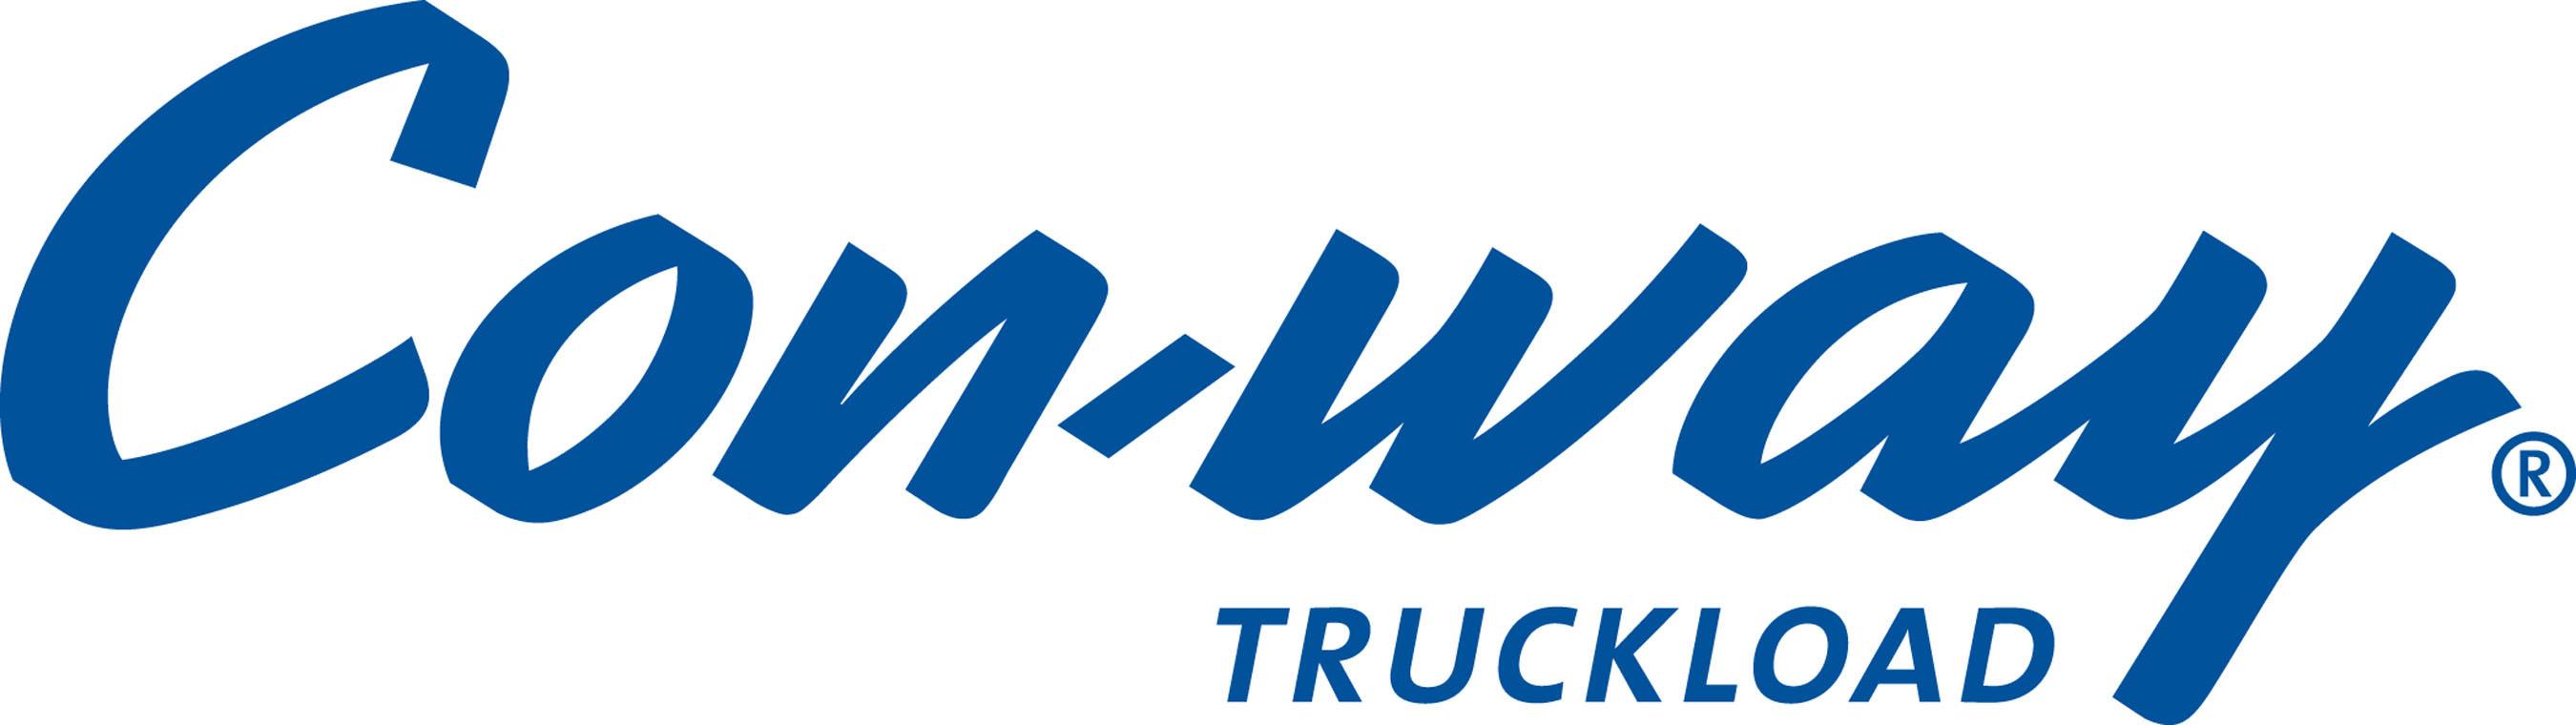 Con-way Truckload Logo.